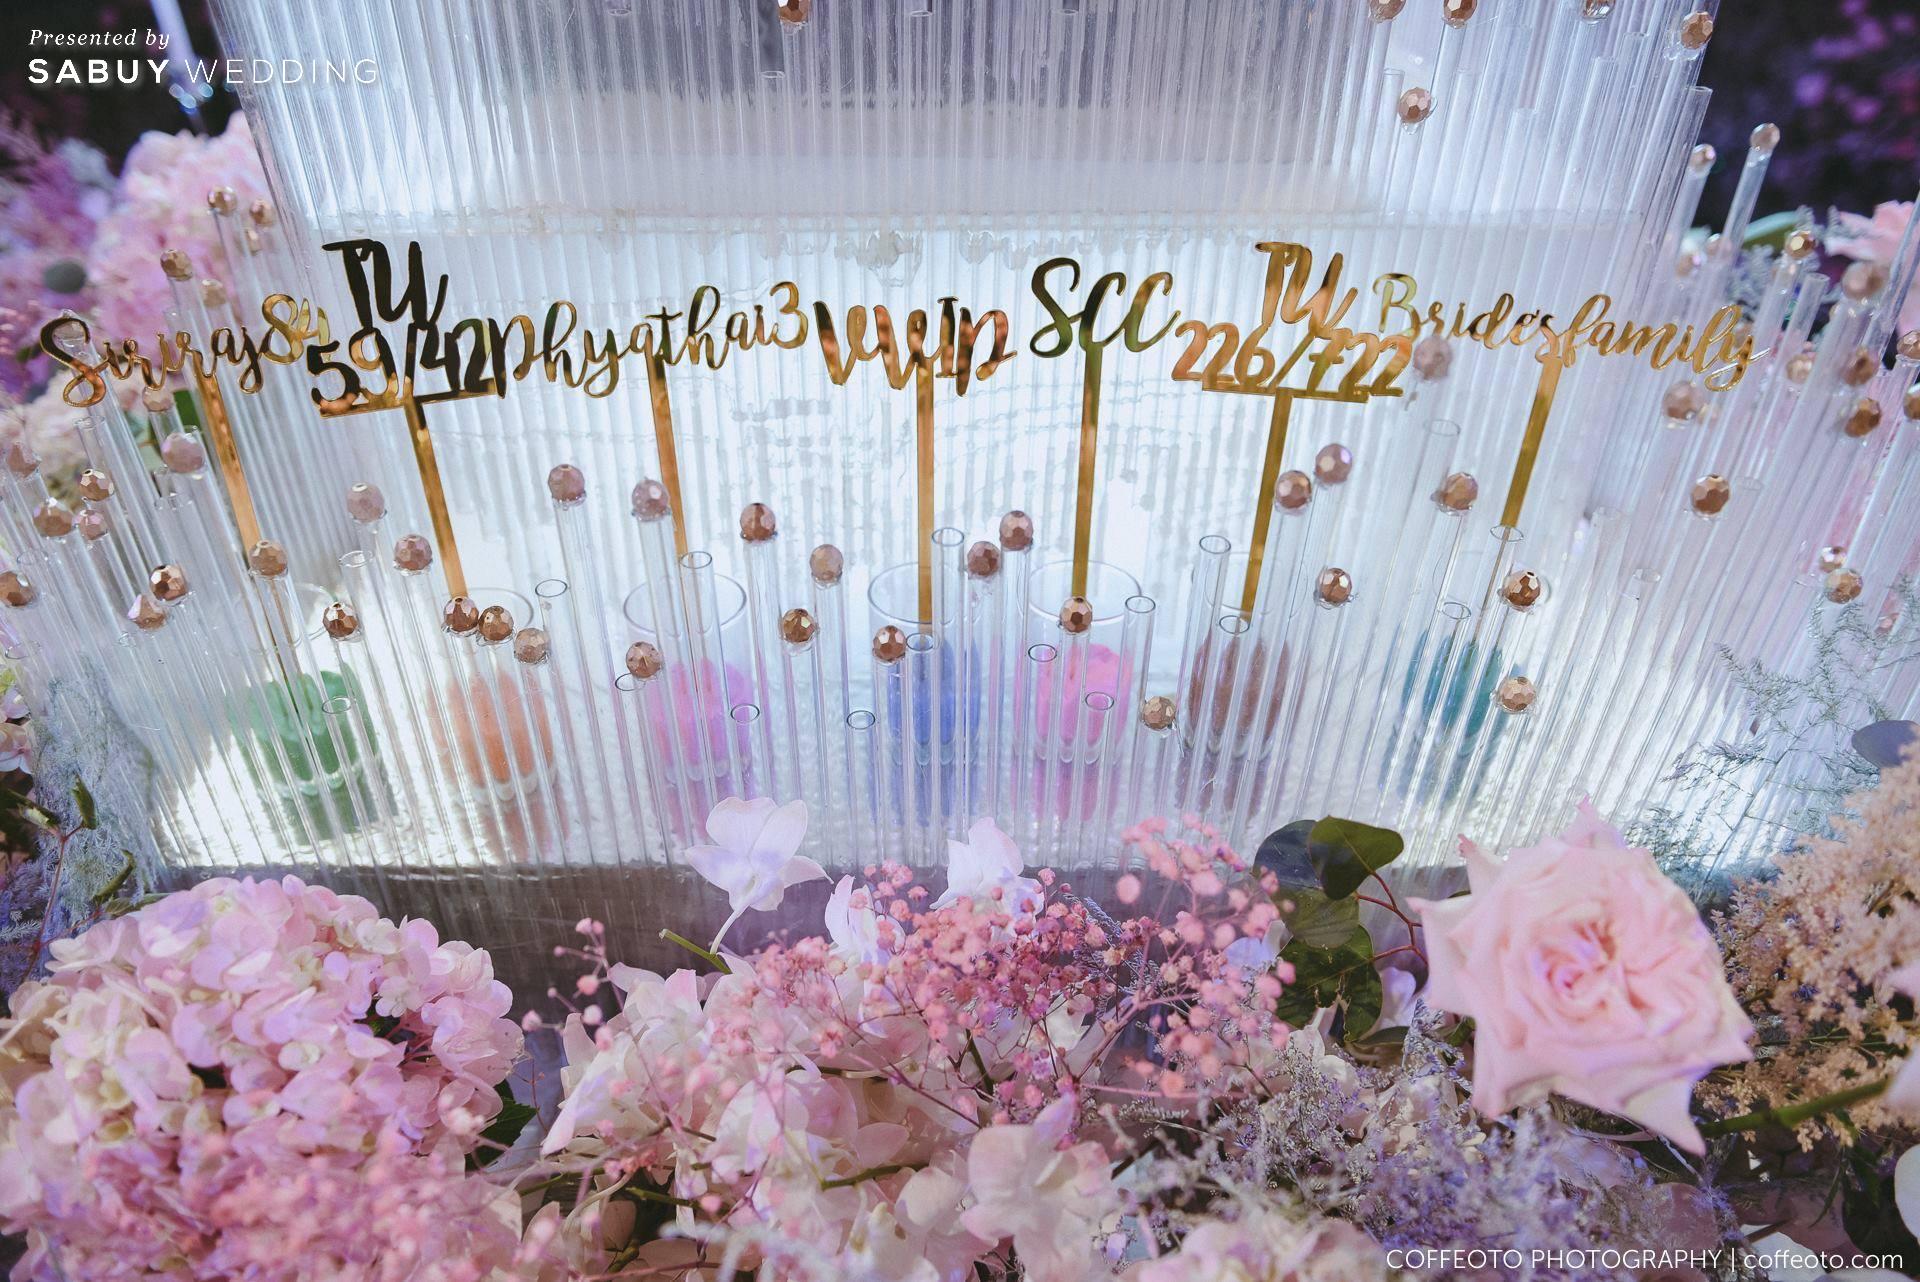 ออแกไนเซอร์,เวดดิ้งแพลนเนอร์,ตกแต่งงานแต่ง รีวิวงานแต่งสวยปัง อลังกับชุดเจ้าสาว Glow in the dark เรืองแสงได้ @ InterContinental Bangkok